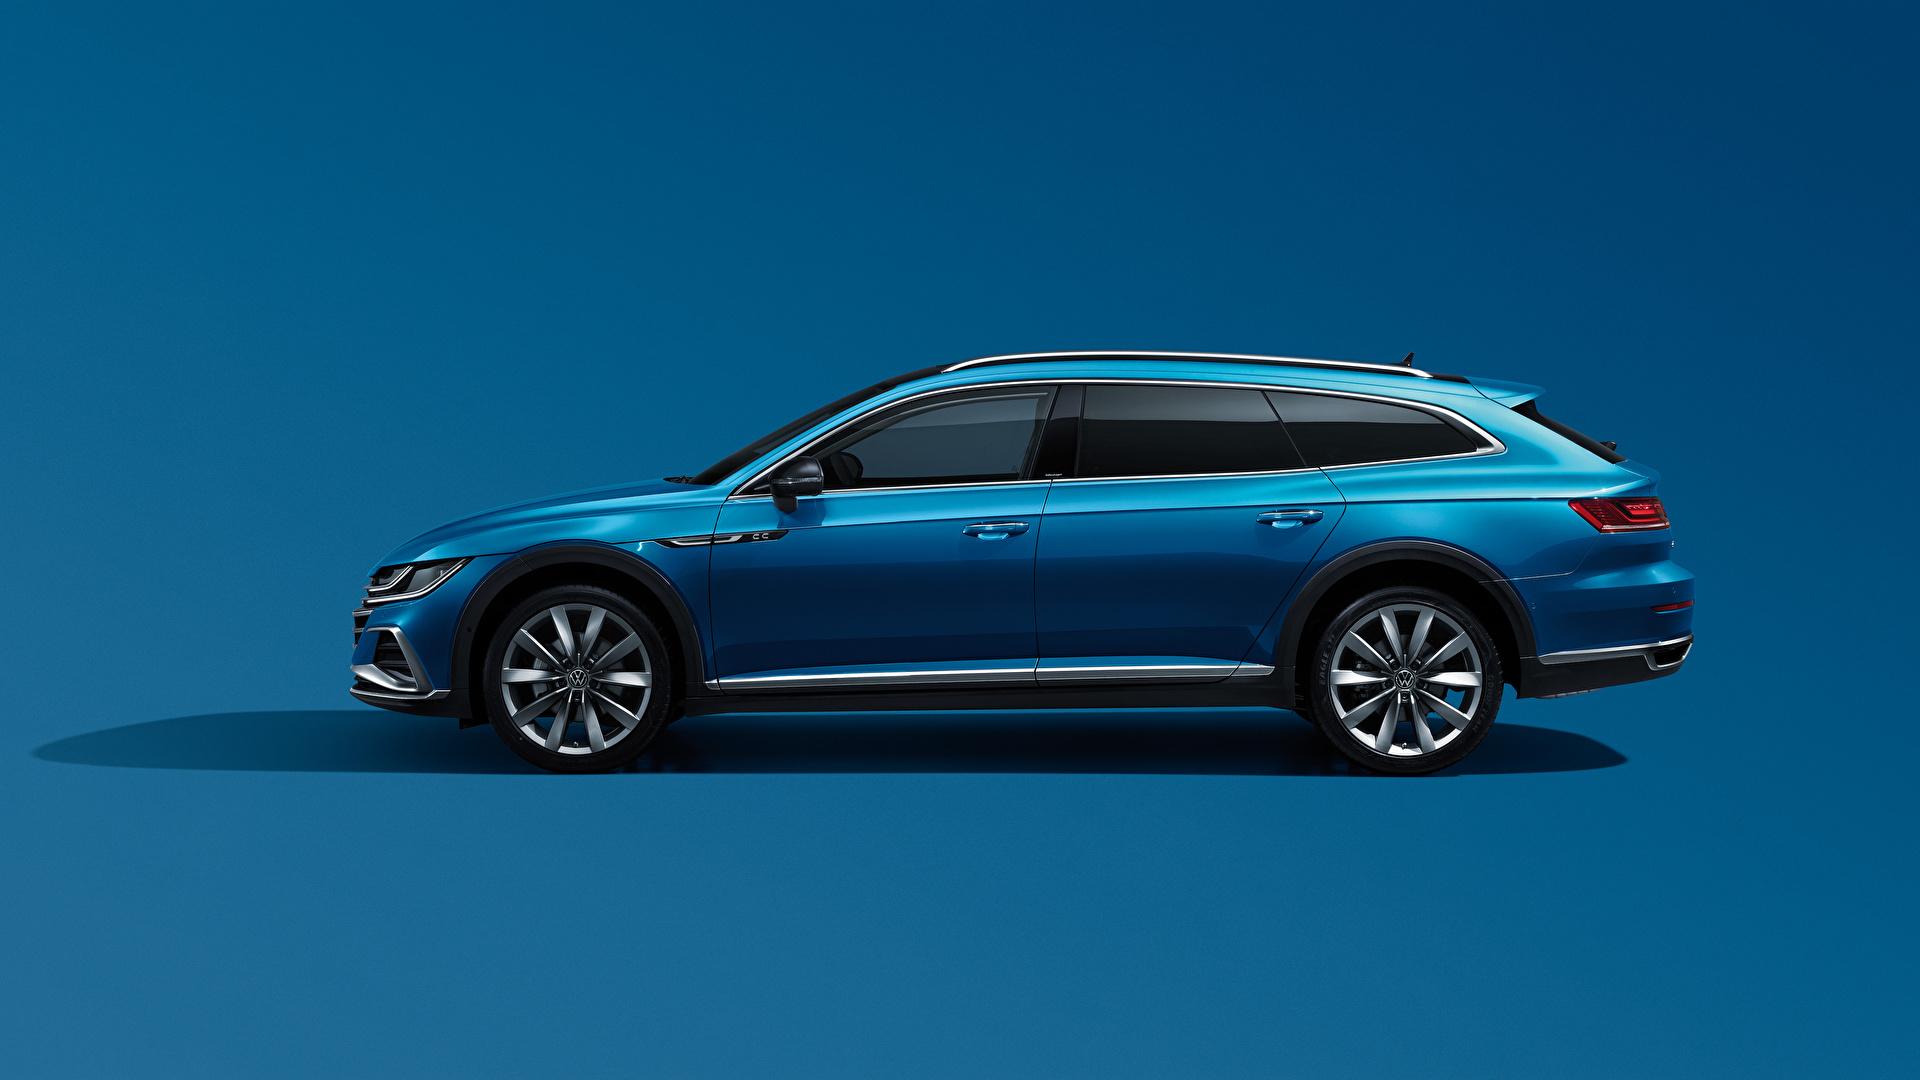 Фотографии Volkswagen Универсал CC Shooting Brake 380 TSI, China, 2020 Синий Сбоку Металлик Автомобили Цветной фон 1920x1080 Фольксваген синяя синие синих авто машины машина автомобиль